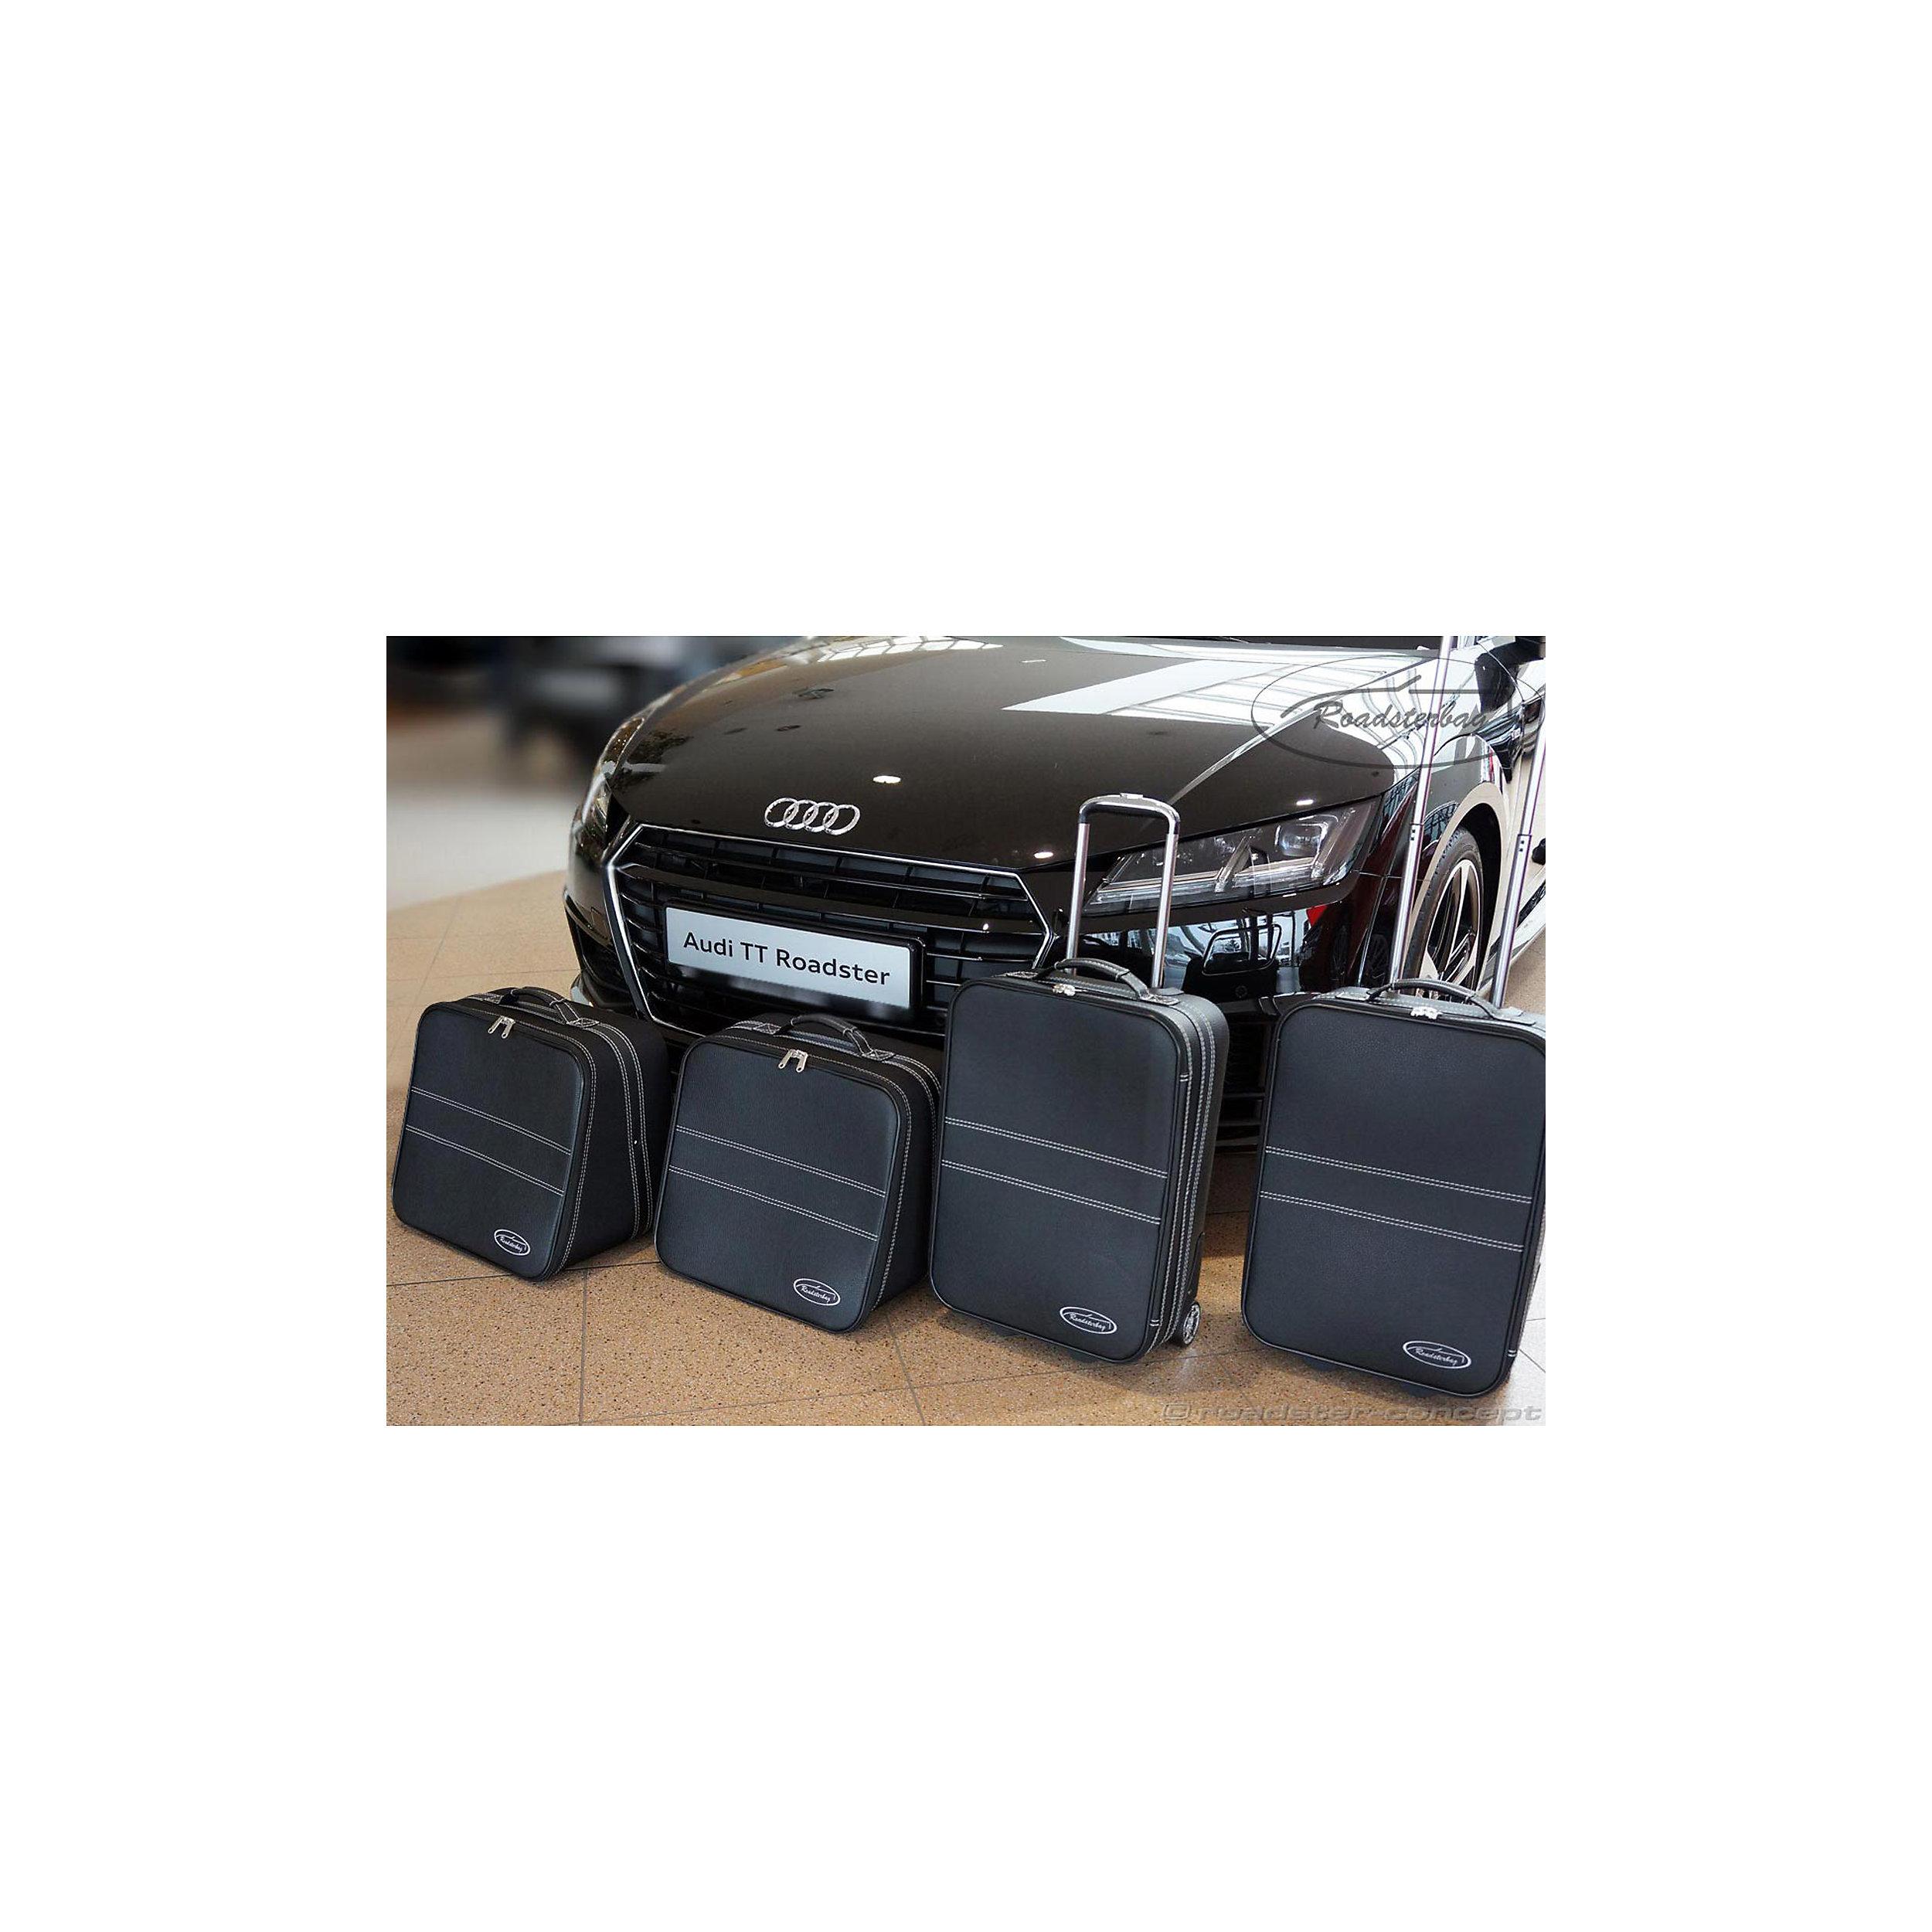 5-tlg. Kofferset mit 2 Rollen Audi TT 8S Quattro/nicht Quattro 124 Liter